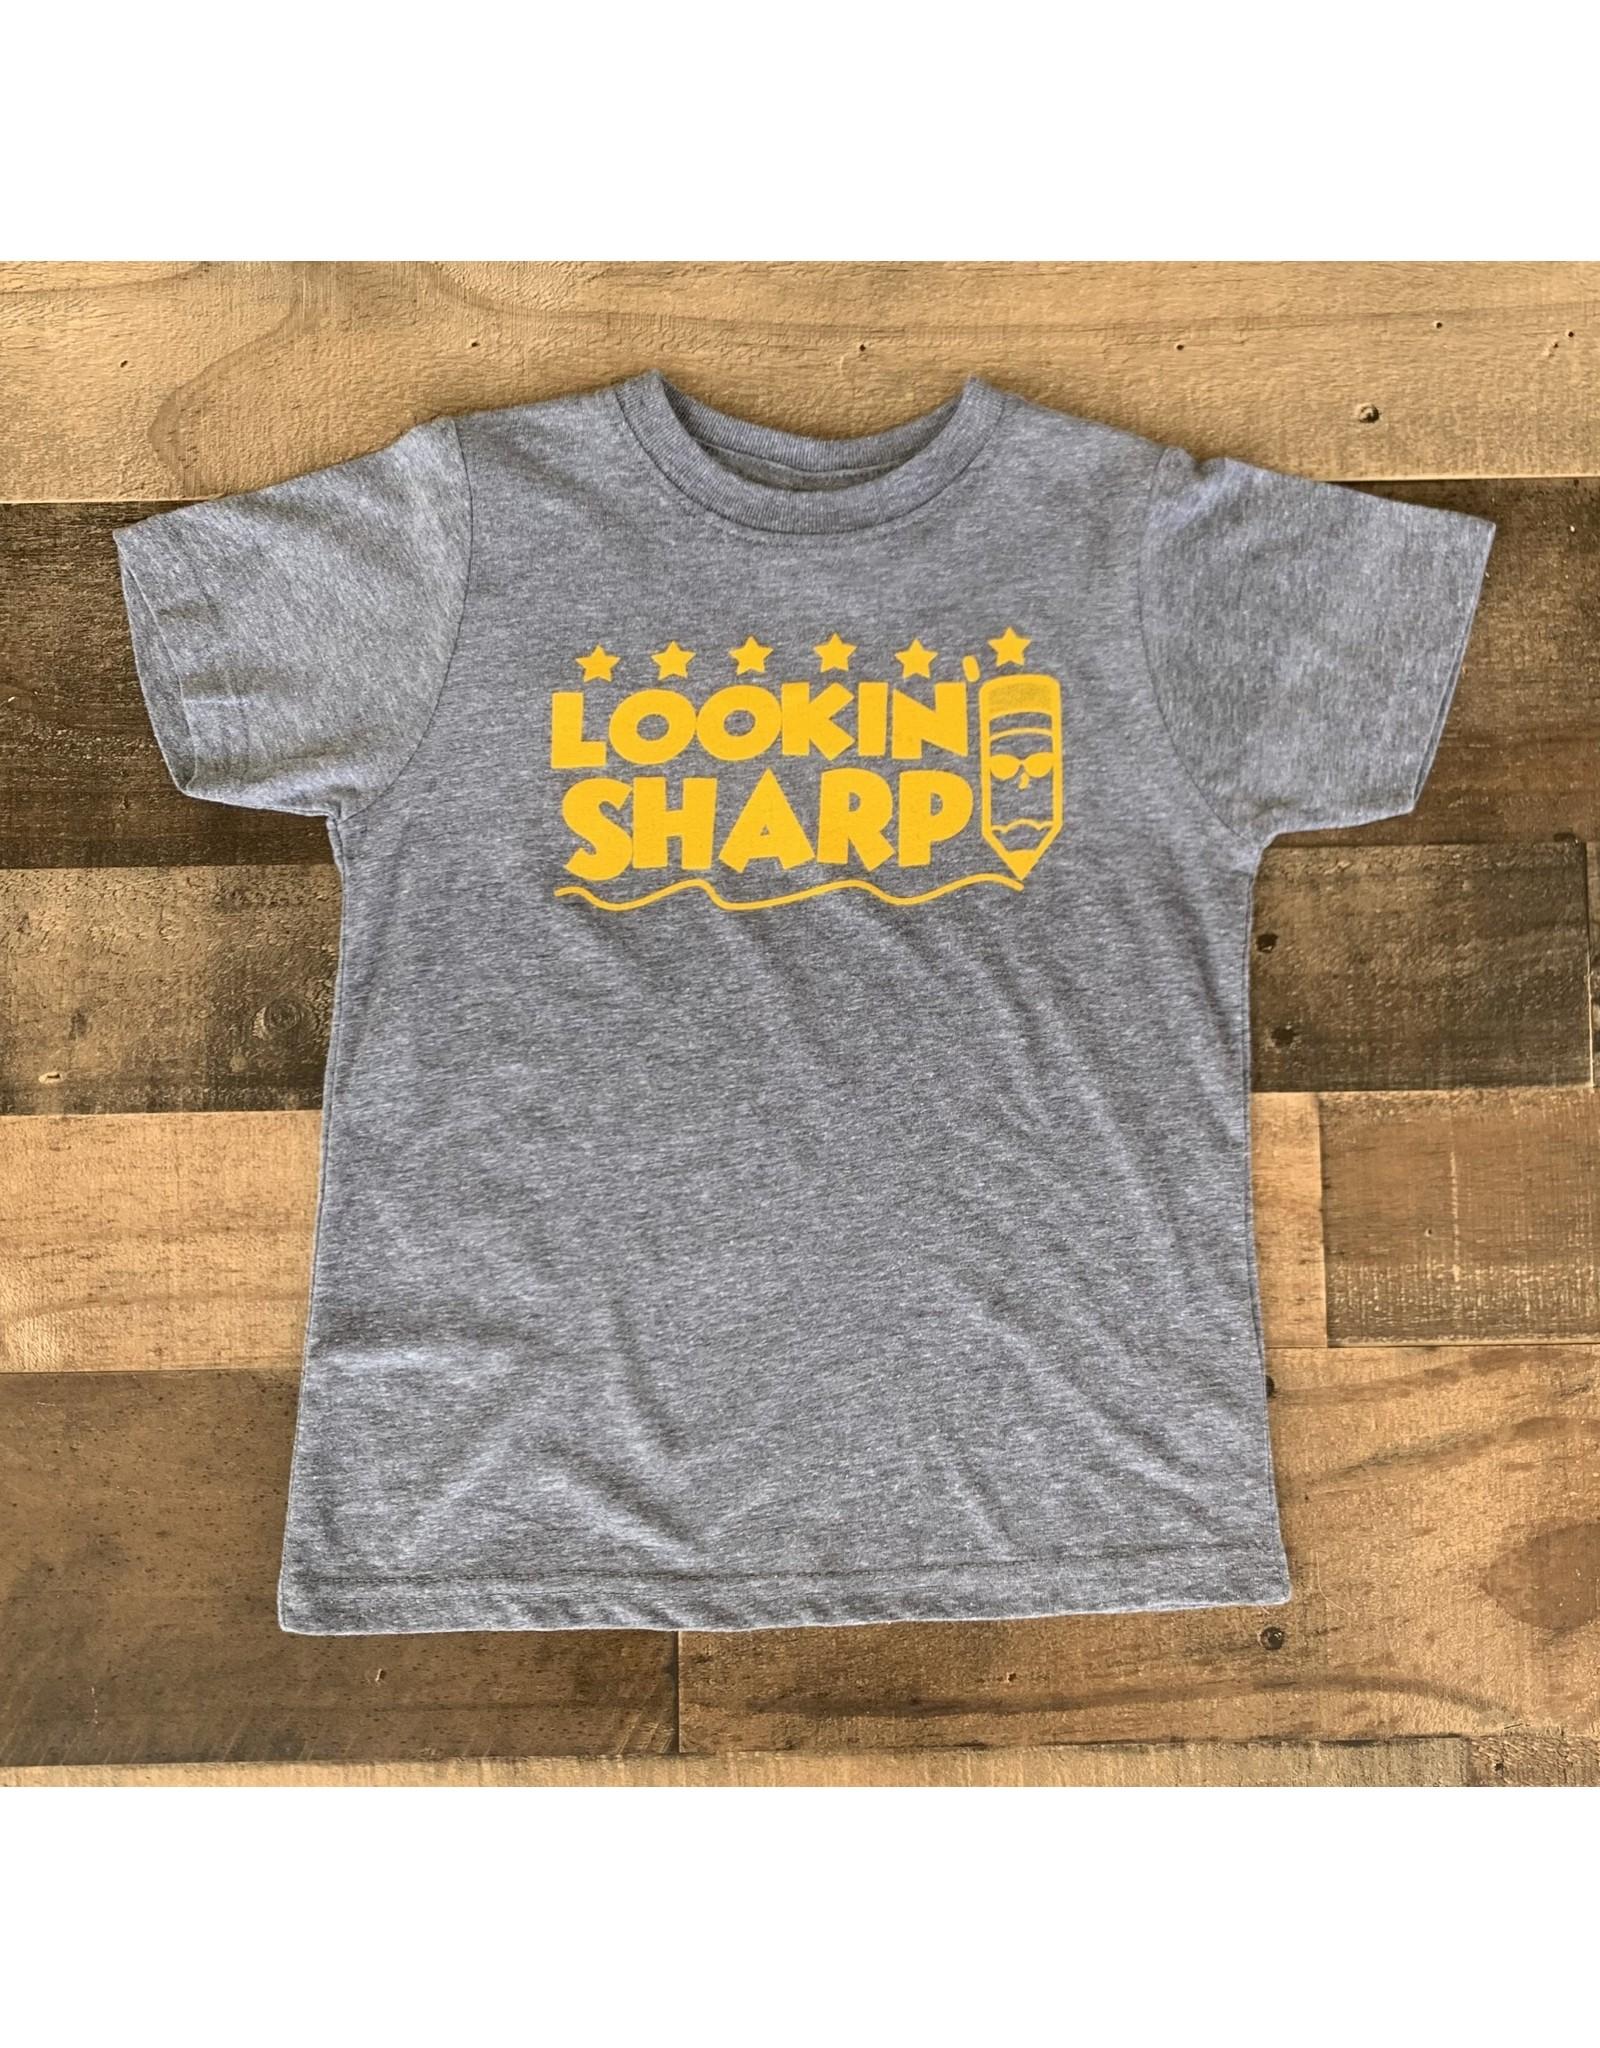 Lookin' Sharp Tee: Grey